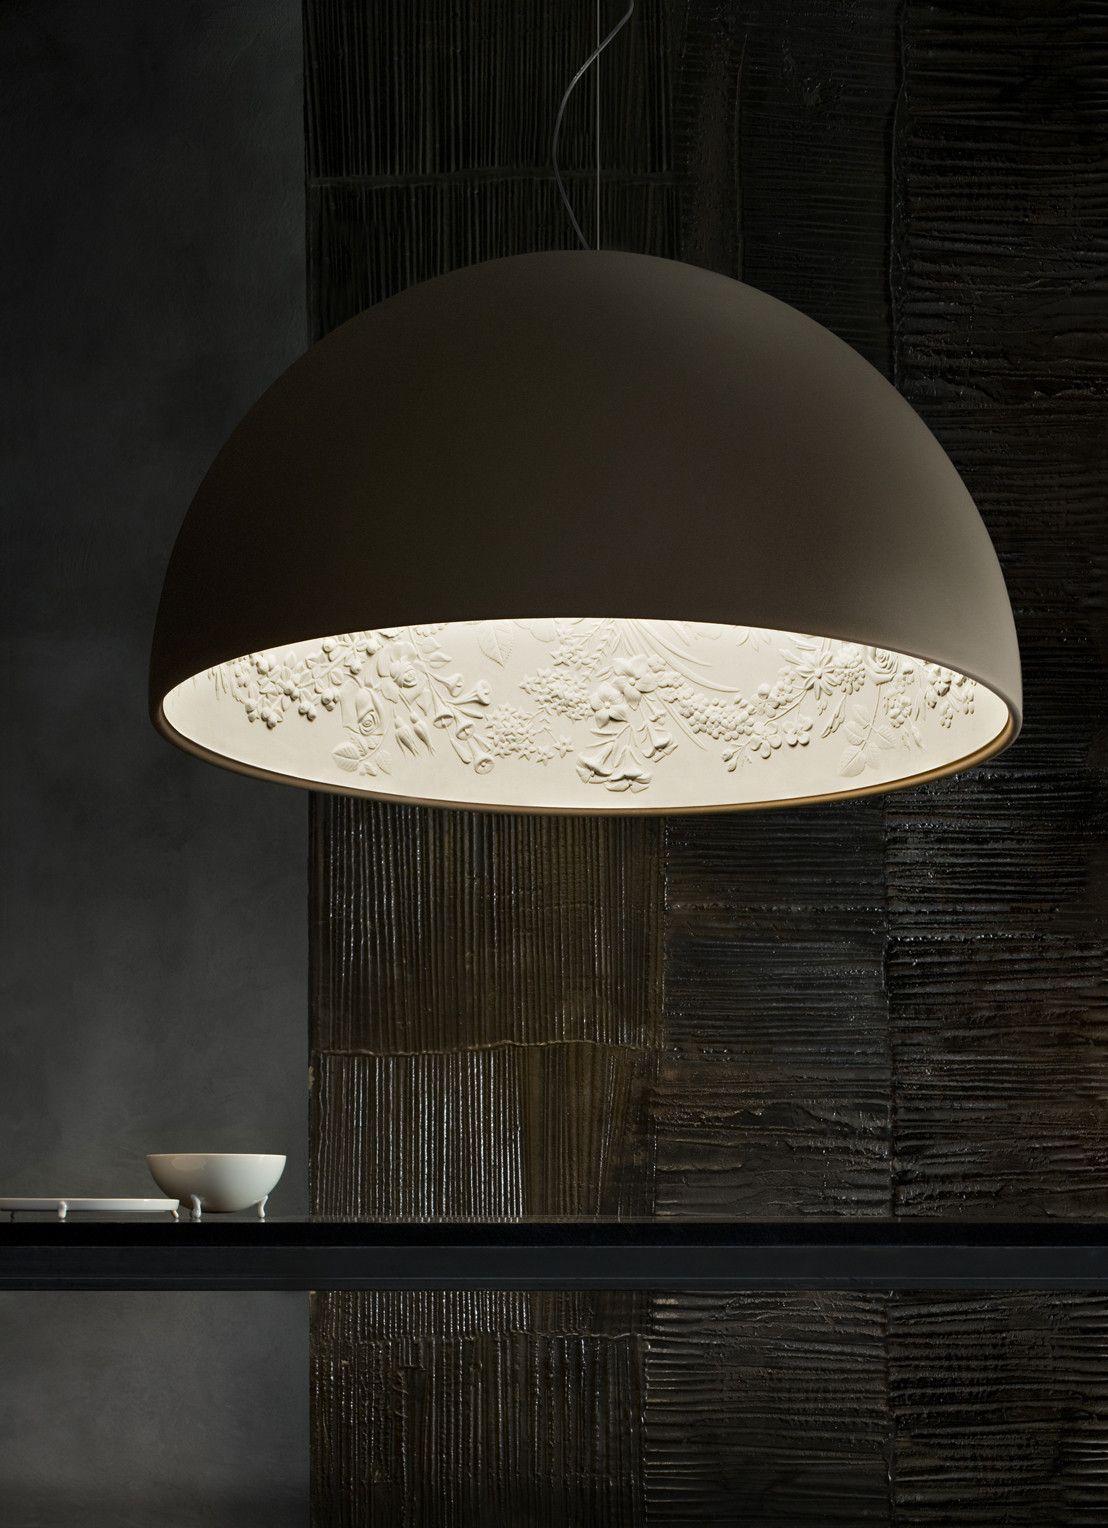 Flos Skygarden 2 hanglamp • de Bijenkorf - Verlichting | Pinterest ...